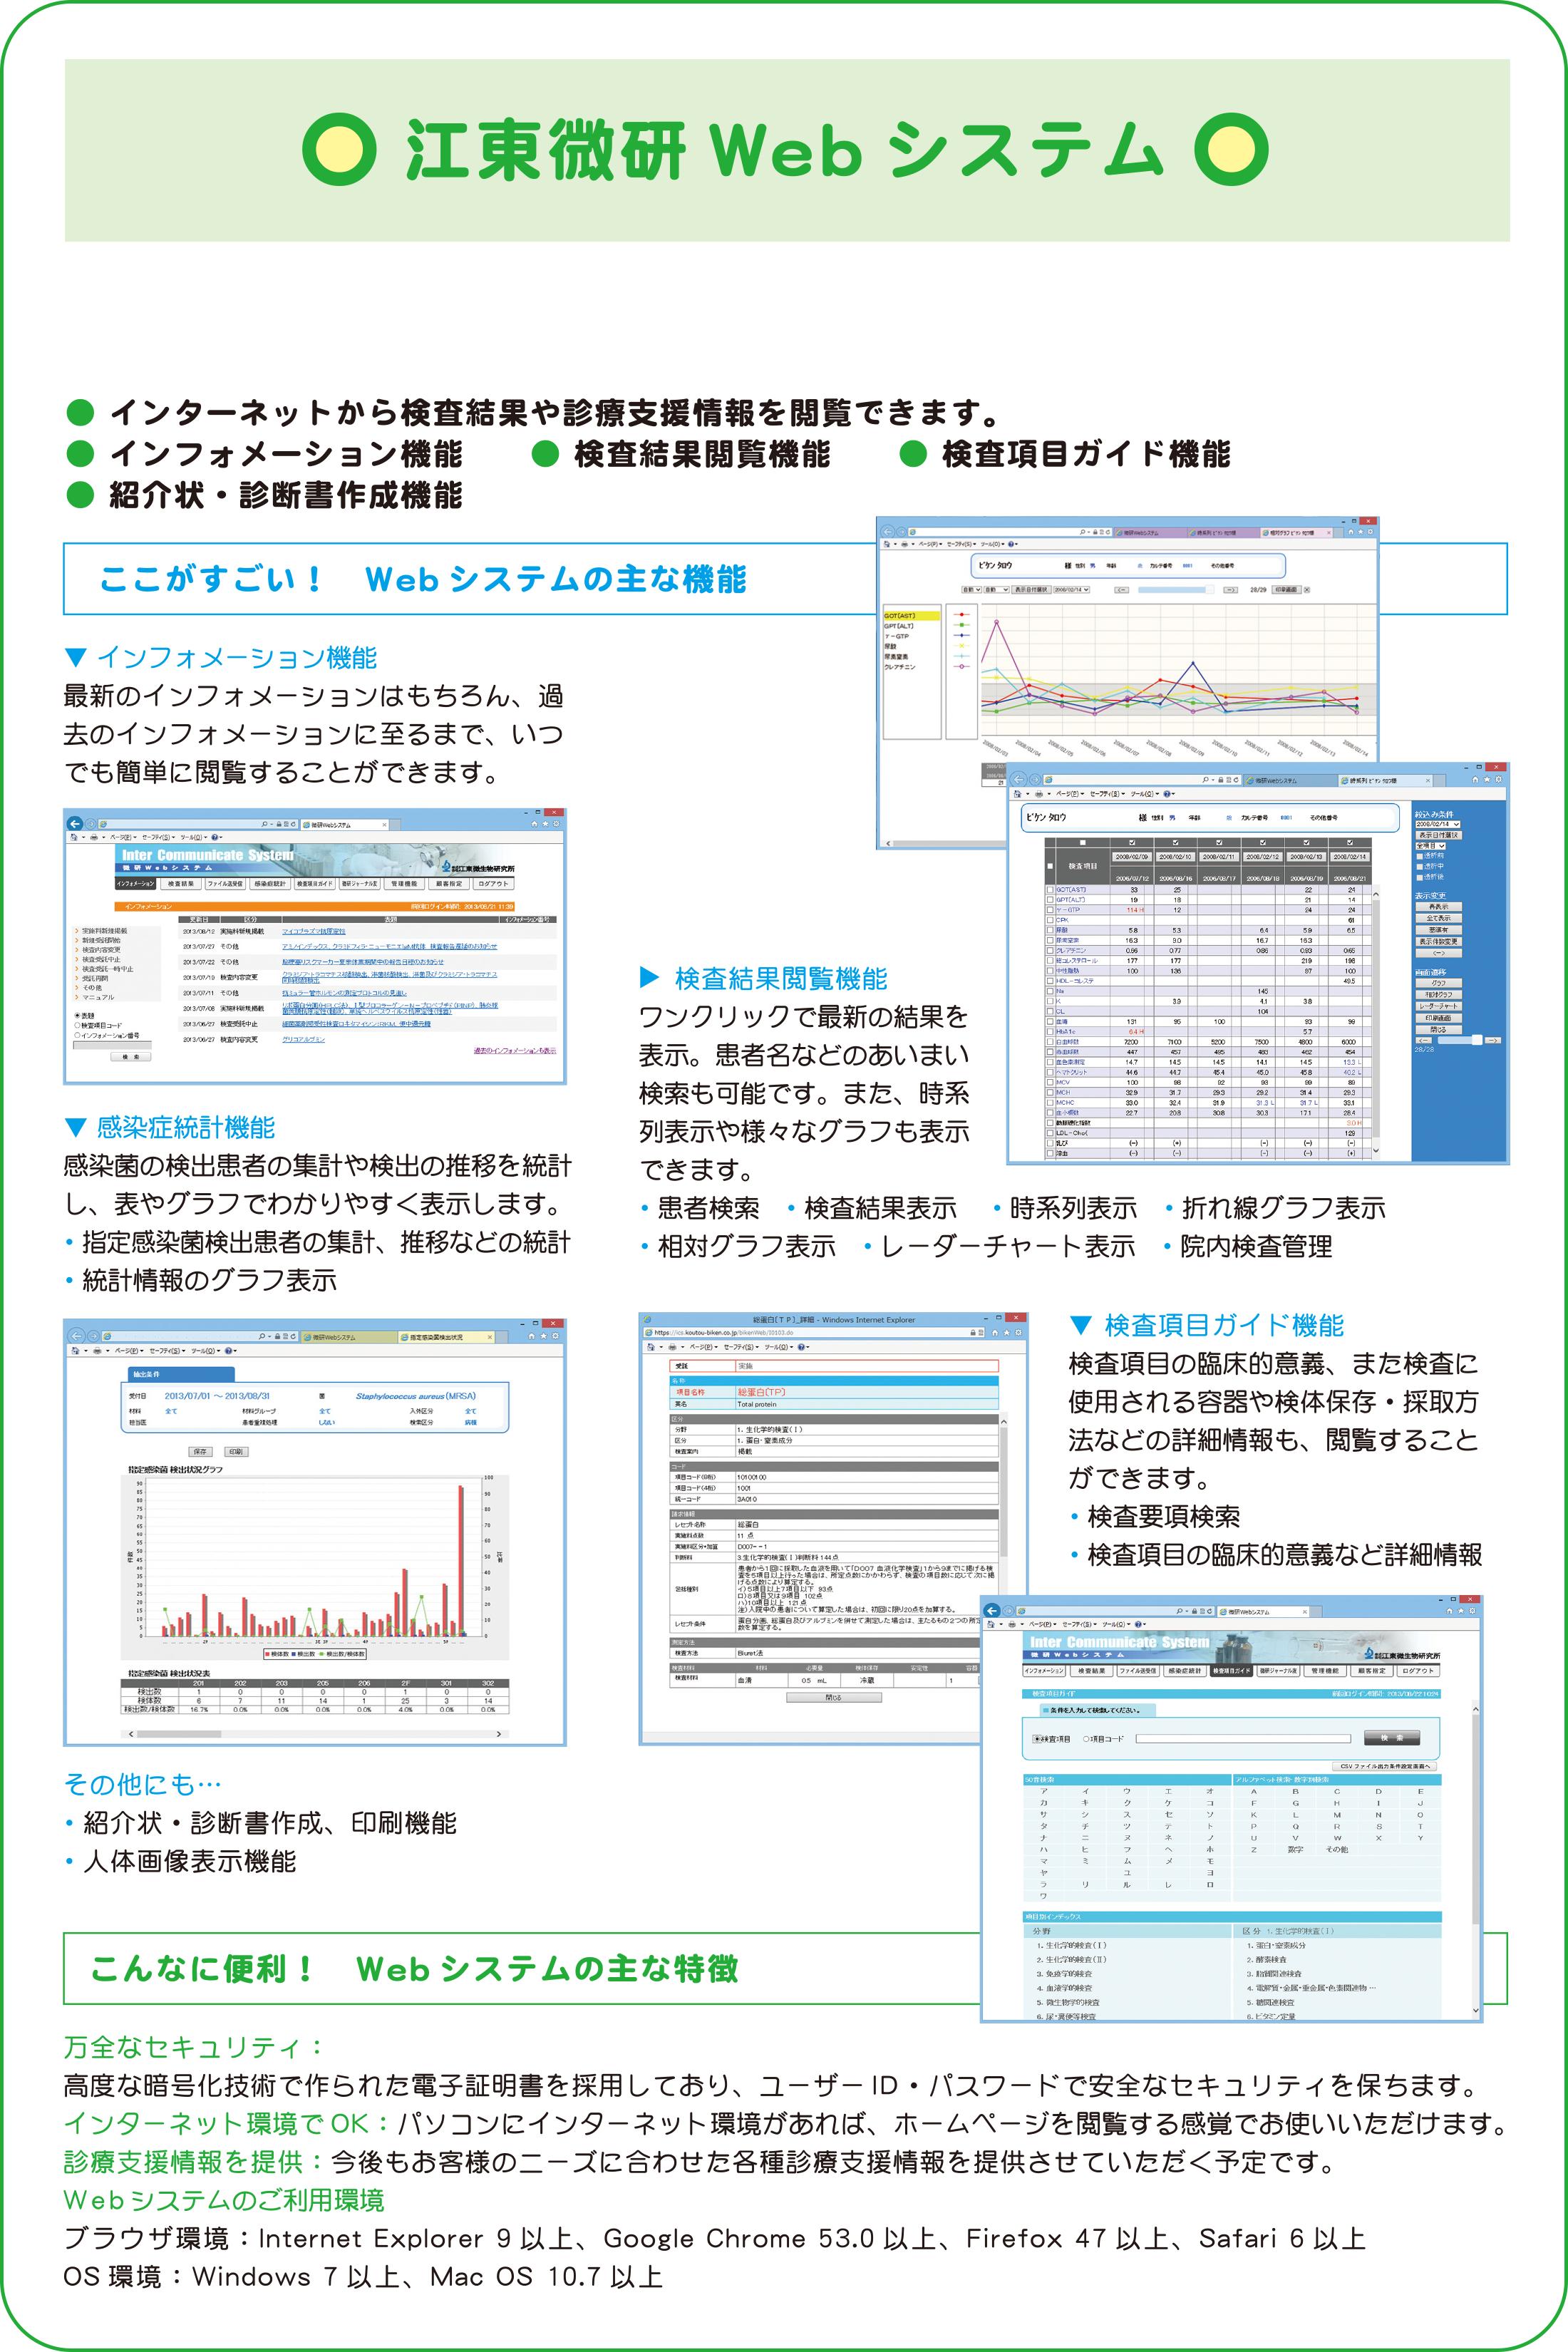 江東微研webシステム